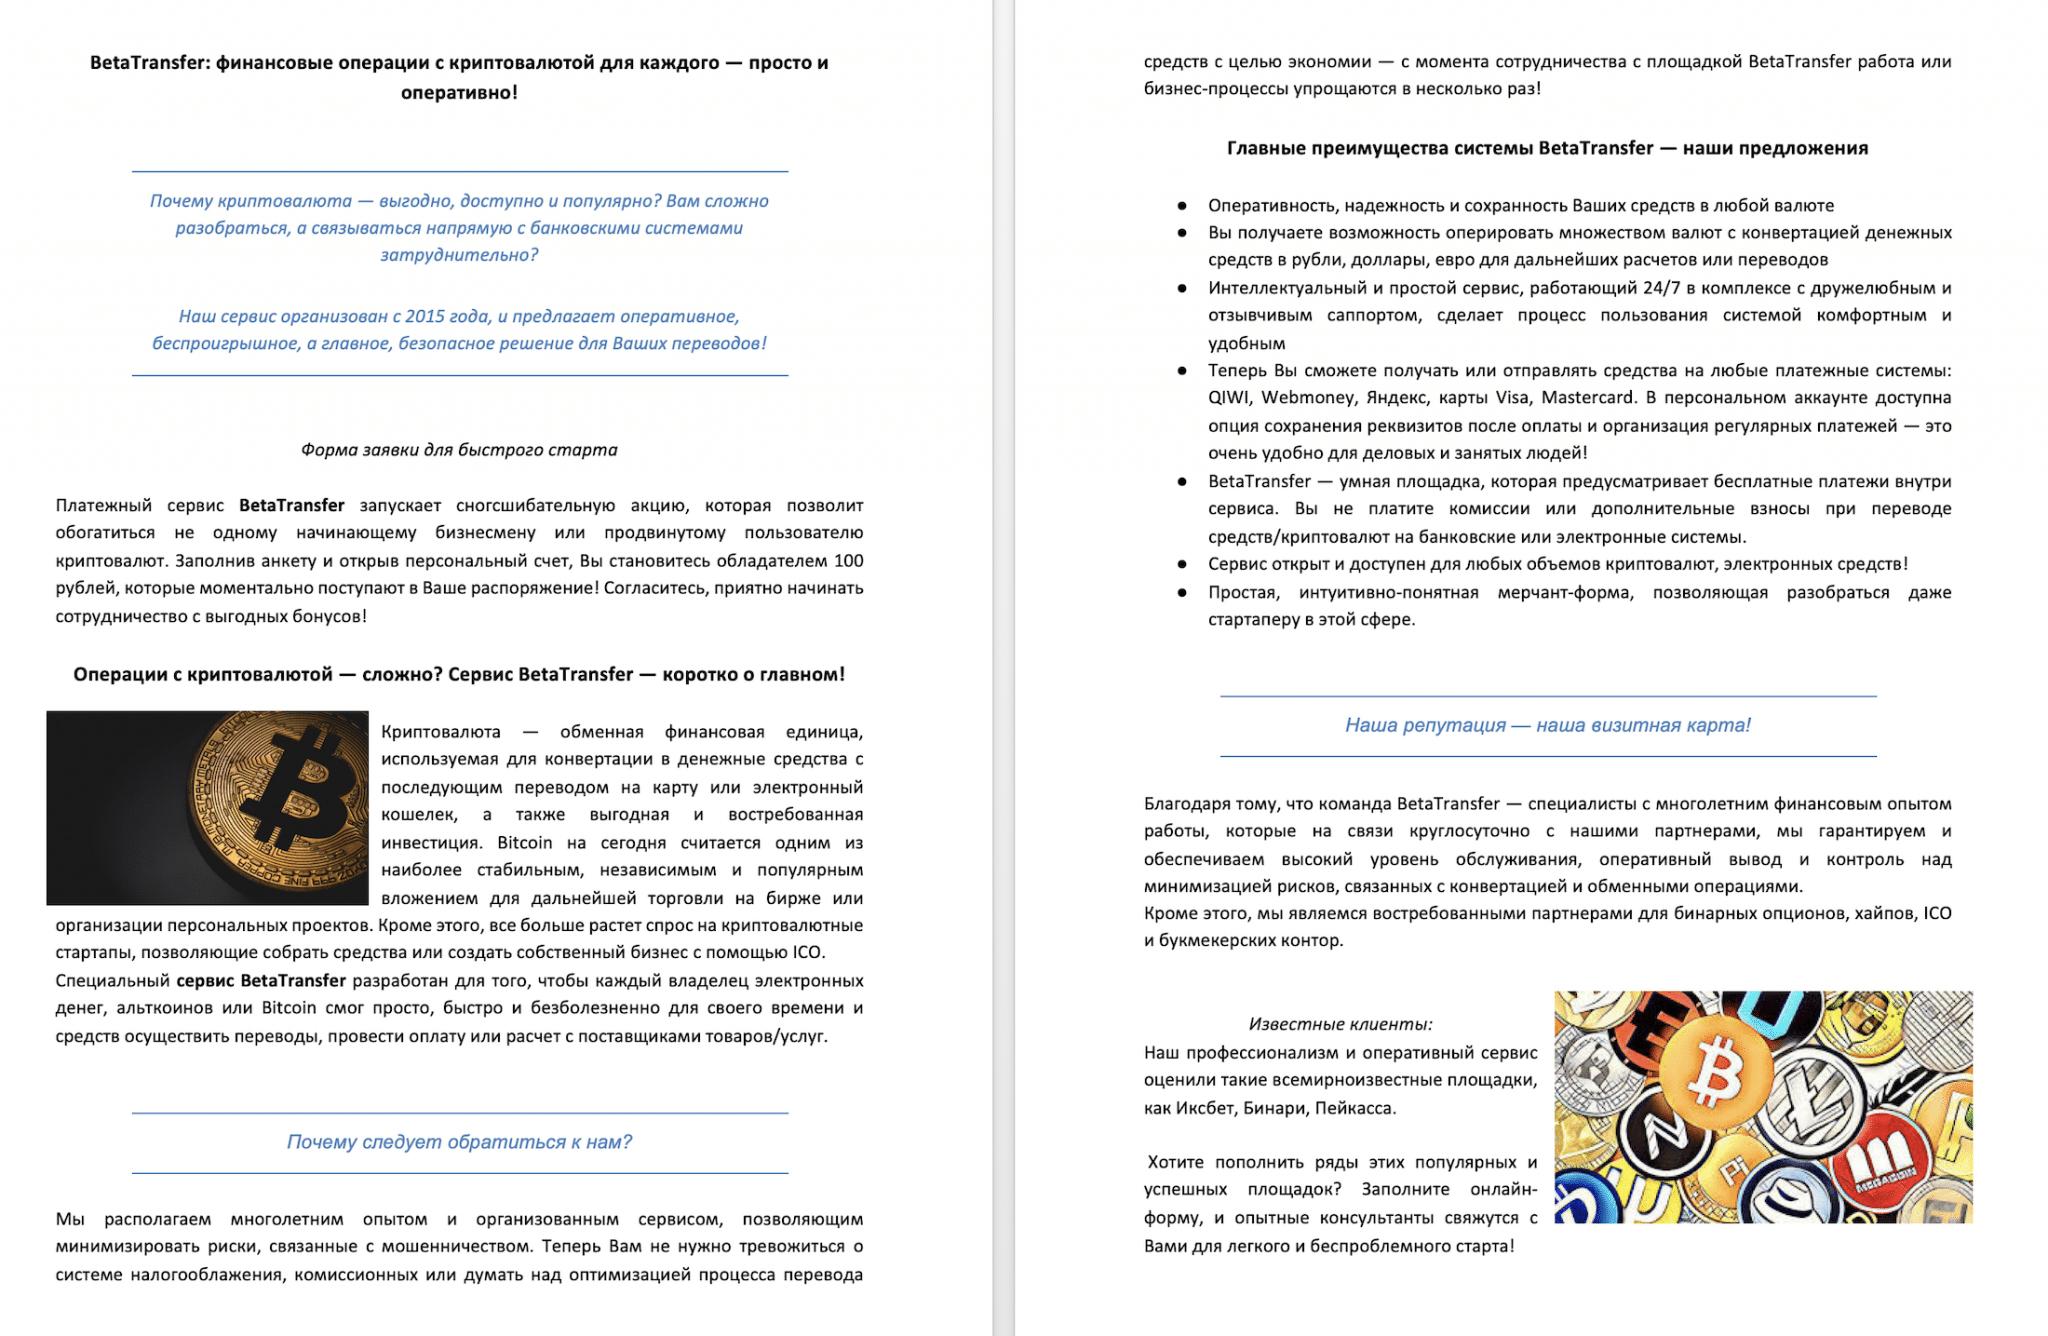 Пример текста для одностраничника №26 - Продающий текст для лендинга на тему криптовалют. Пример текста для одностраничника №26 - Продающий текст для лендинга на тему криптовалют. Закажите текст у профессионального копирайтера и увеличьте продажи